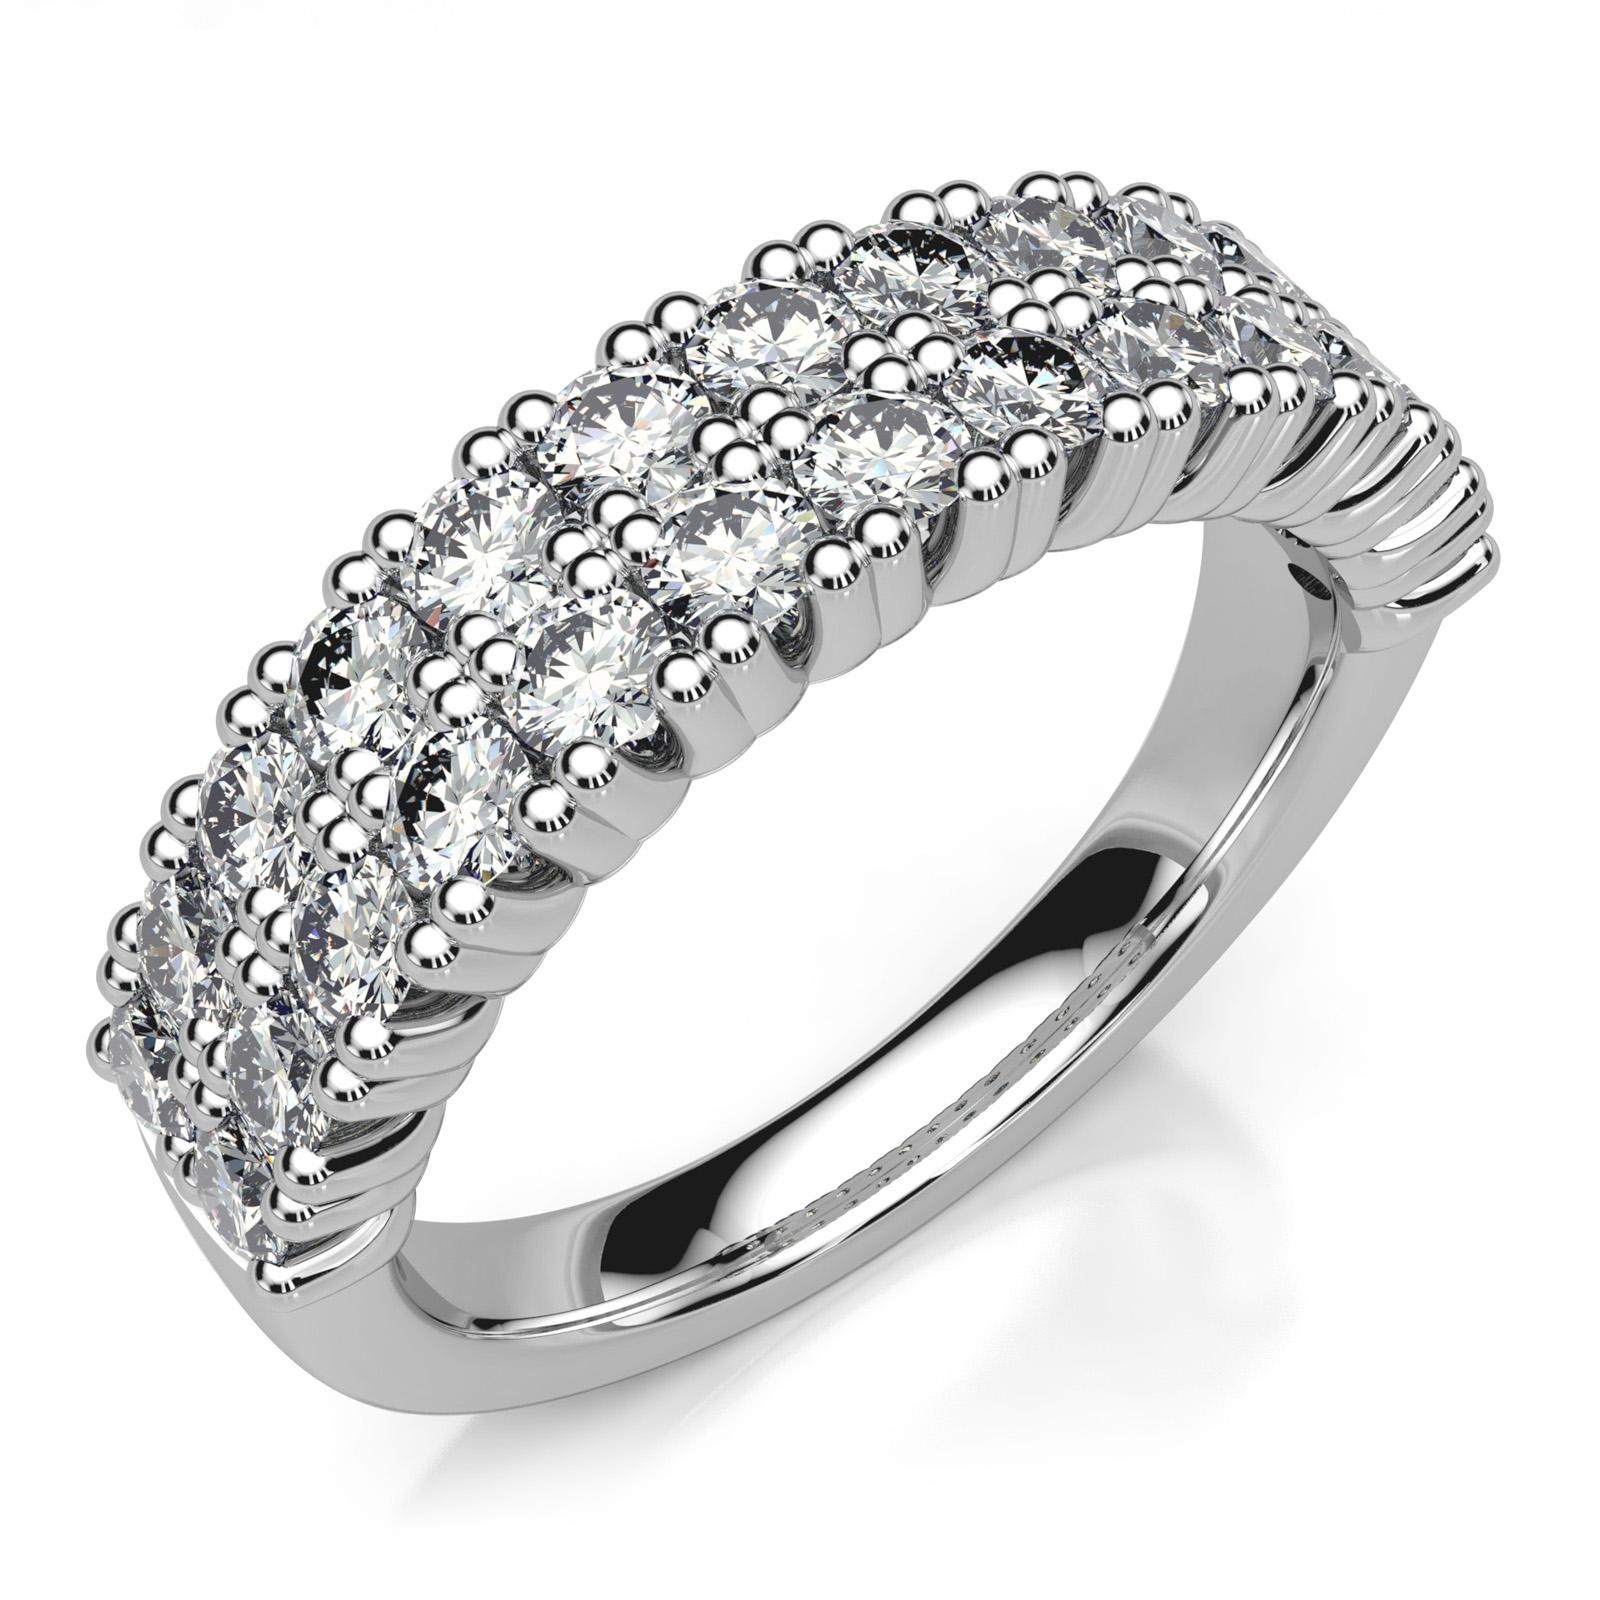 Mestergull Dobbel alliansering laget for å gjenbruke kundens diamanter fra eldre rekkering. Ringen er utført i hvitt gull 585 og fattet med 26 diamanter à 0,05 ct. Totalt 1,30 ct. DESIGN STUDIO Spesialdesign Ring